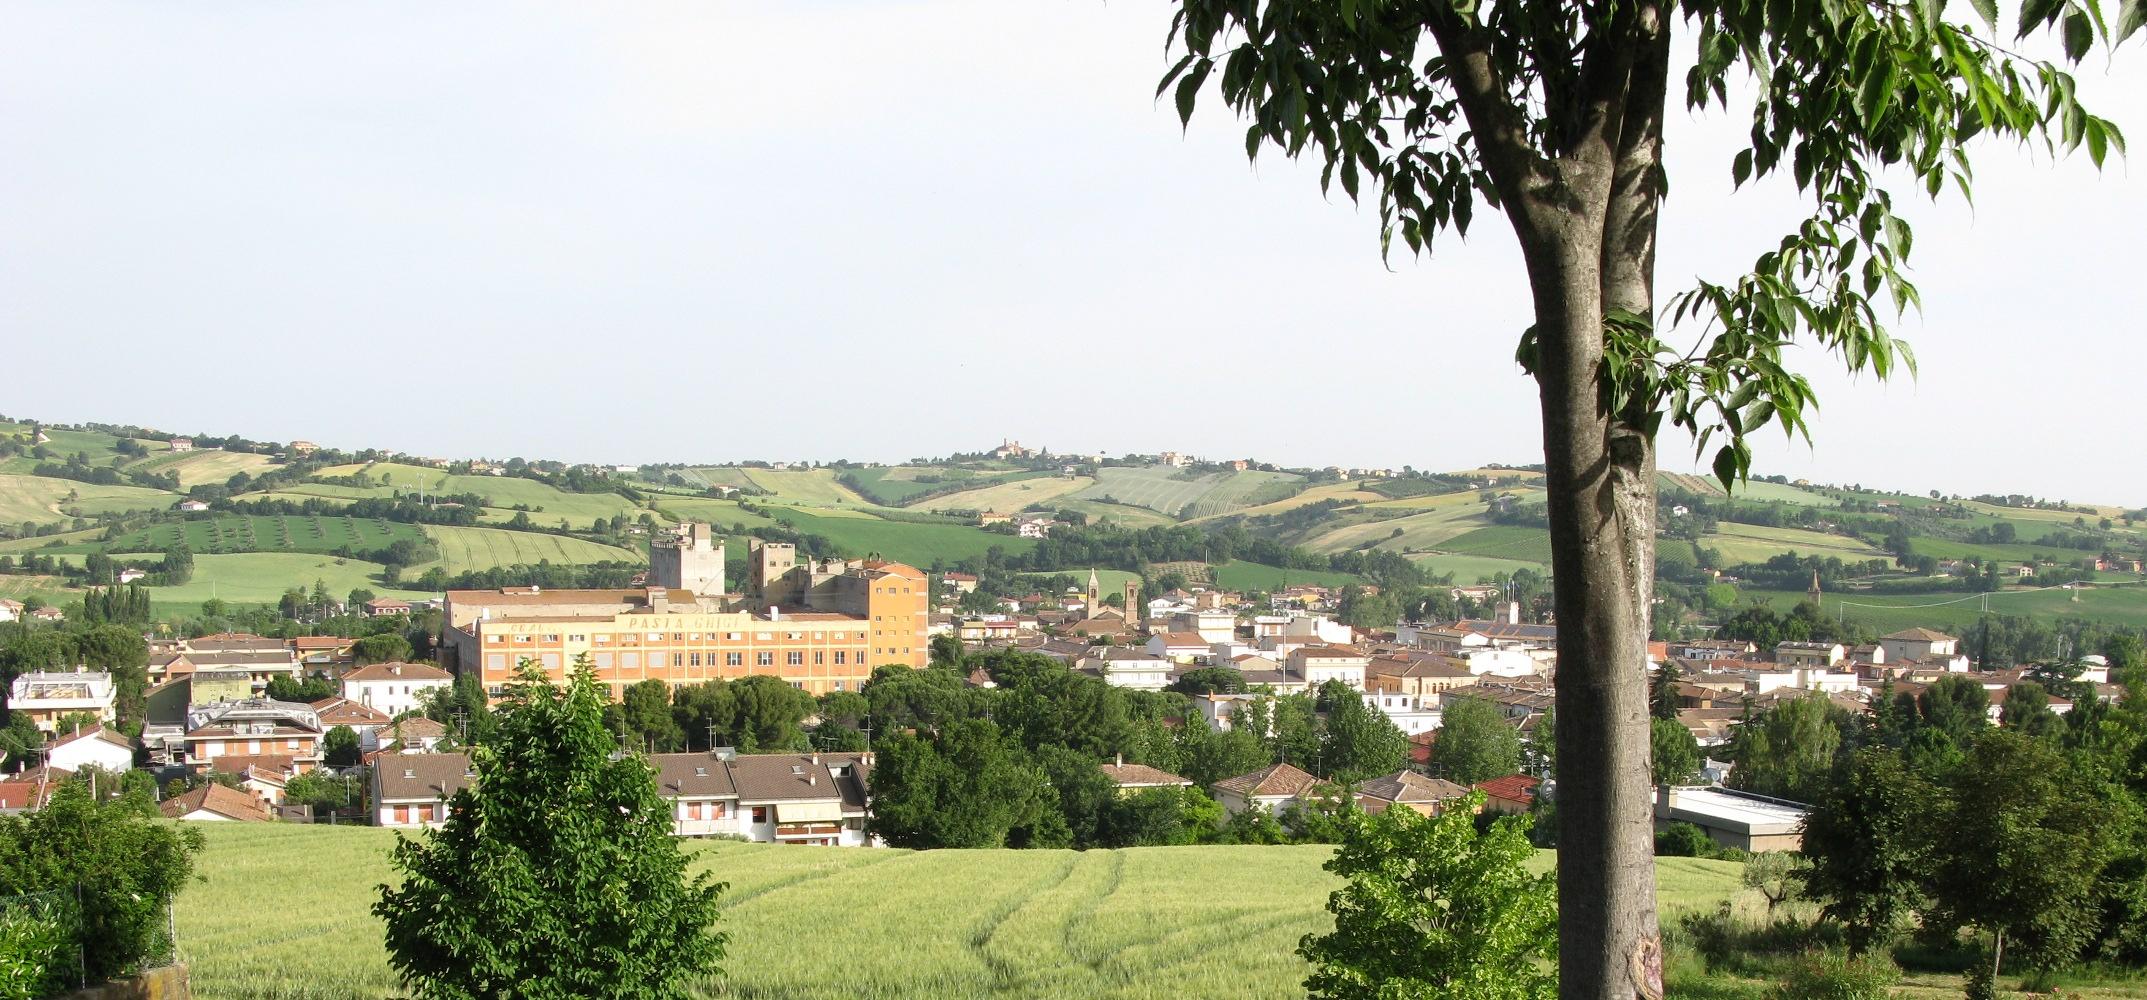 Morciano_di_Romagna_panorama